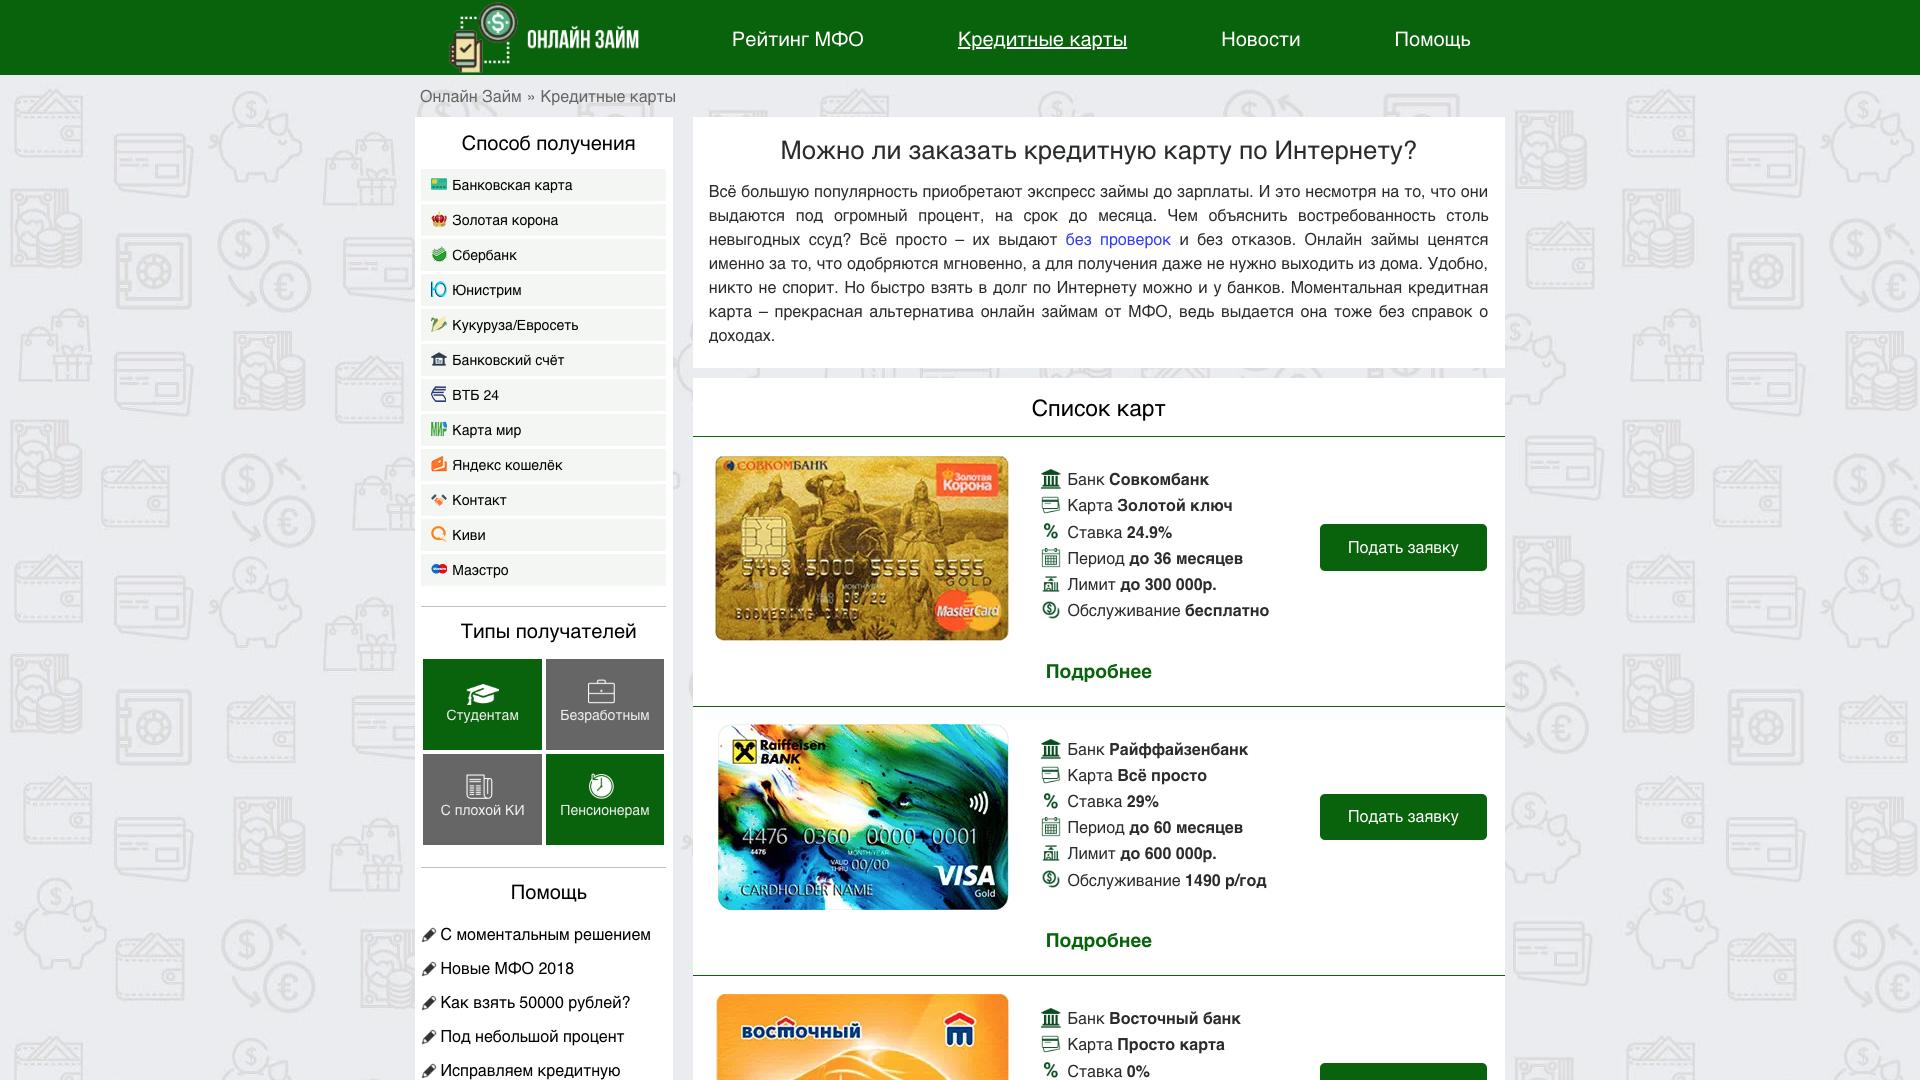 как получить кредитную карту сбербанка на 50000 рублей онлайн